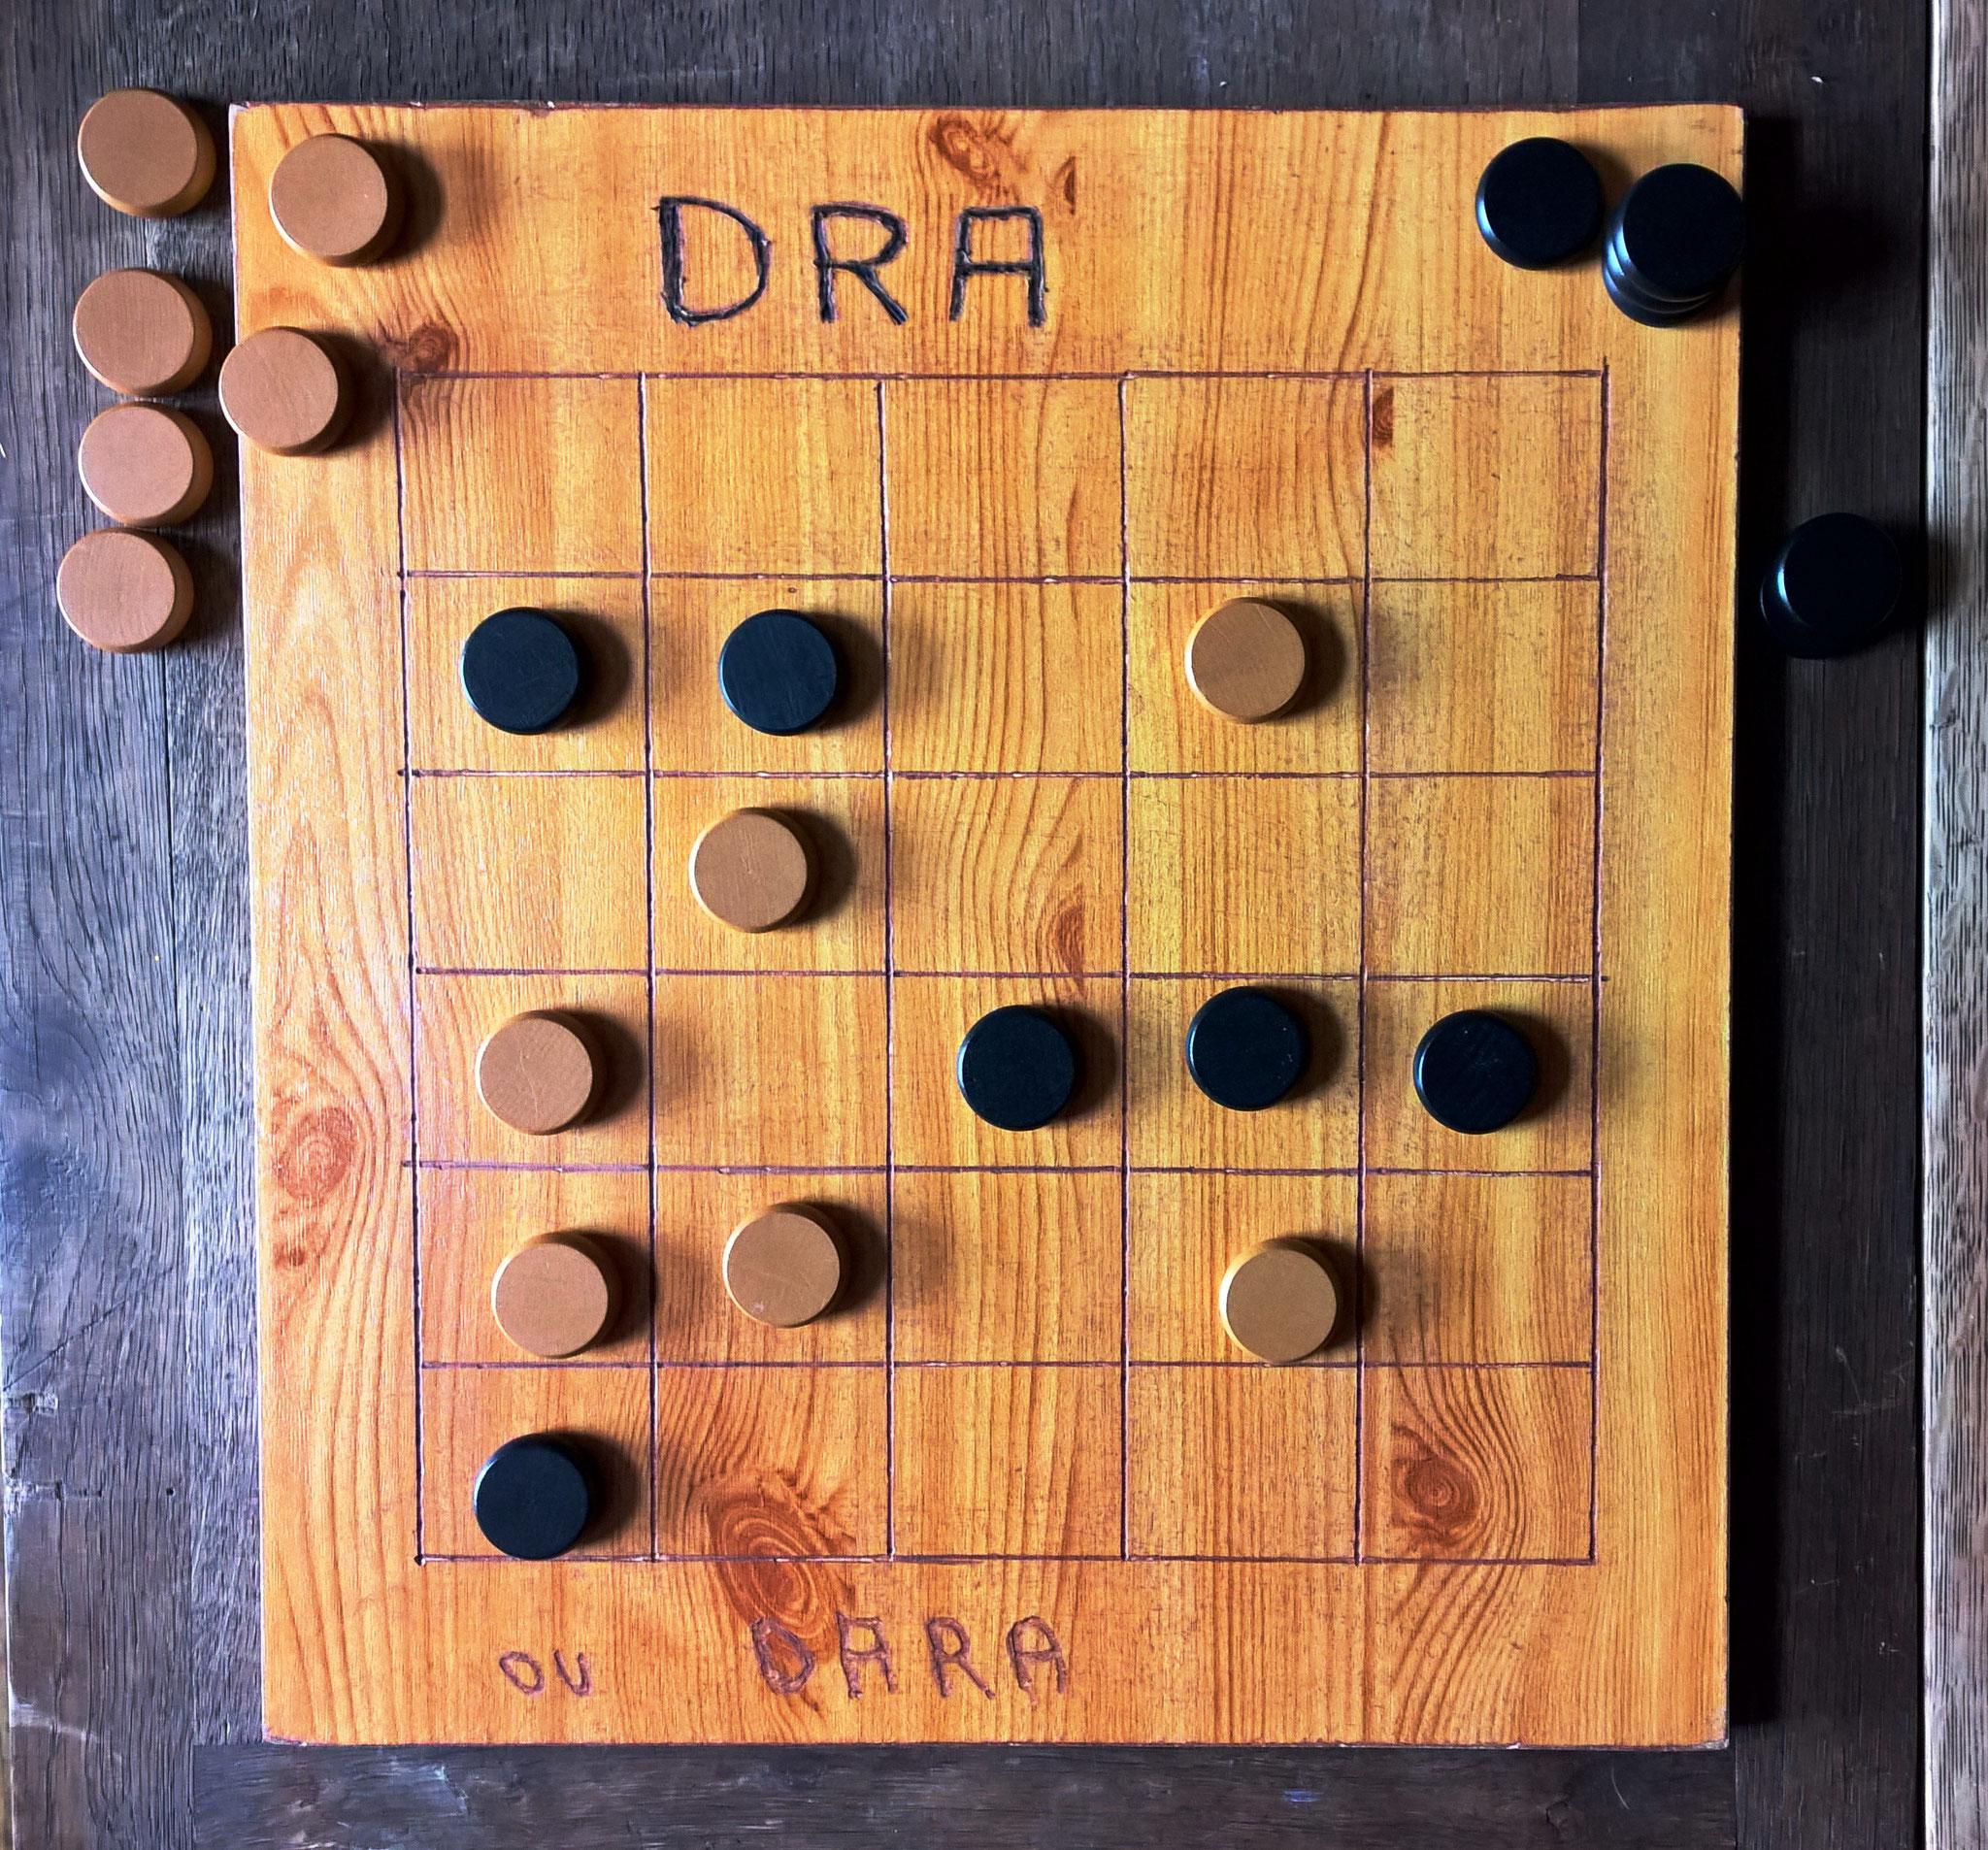 Dra, jeu de la famille des Marelles et du Moulin (jeu de capture par alignement)